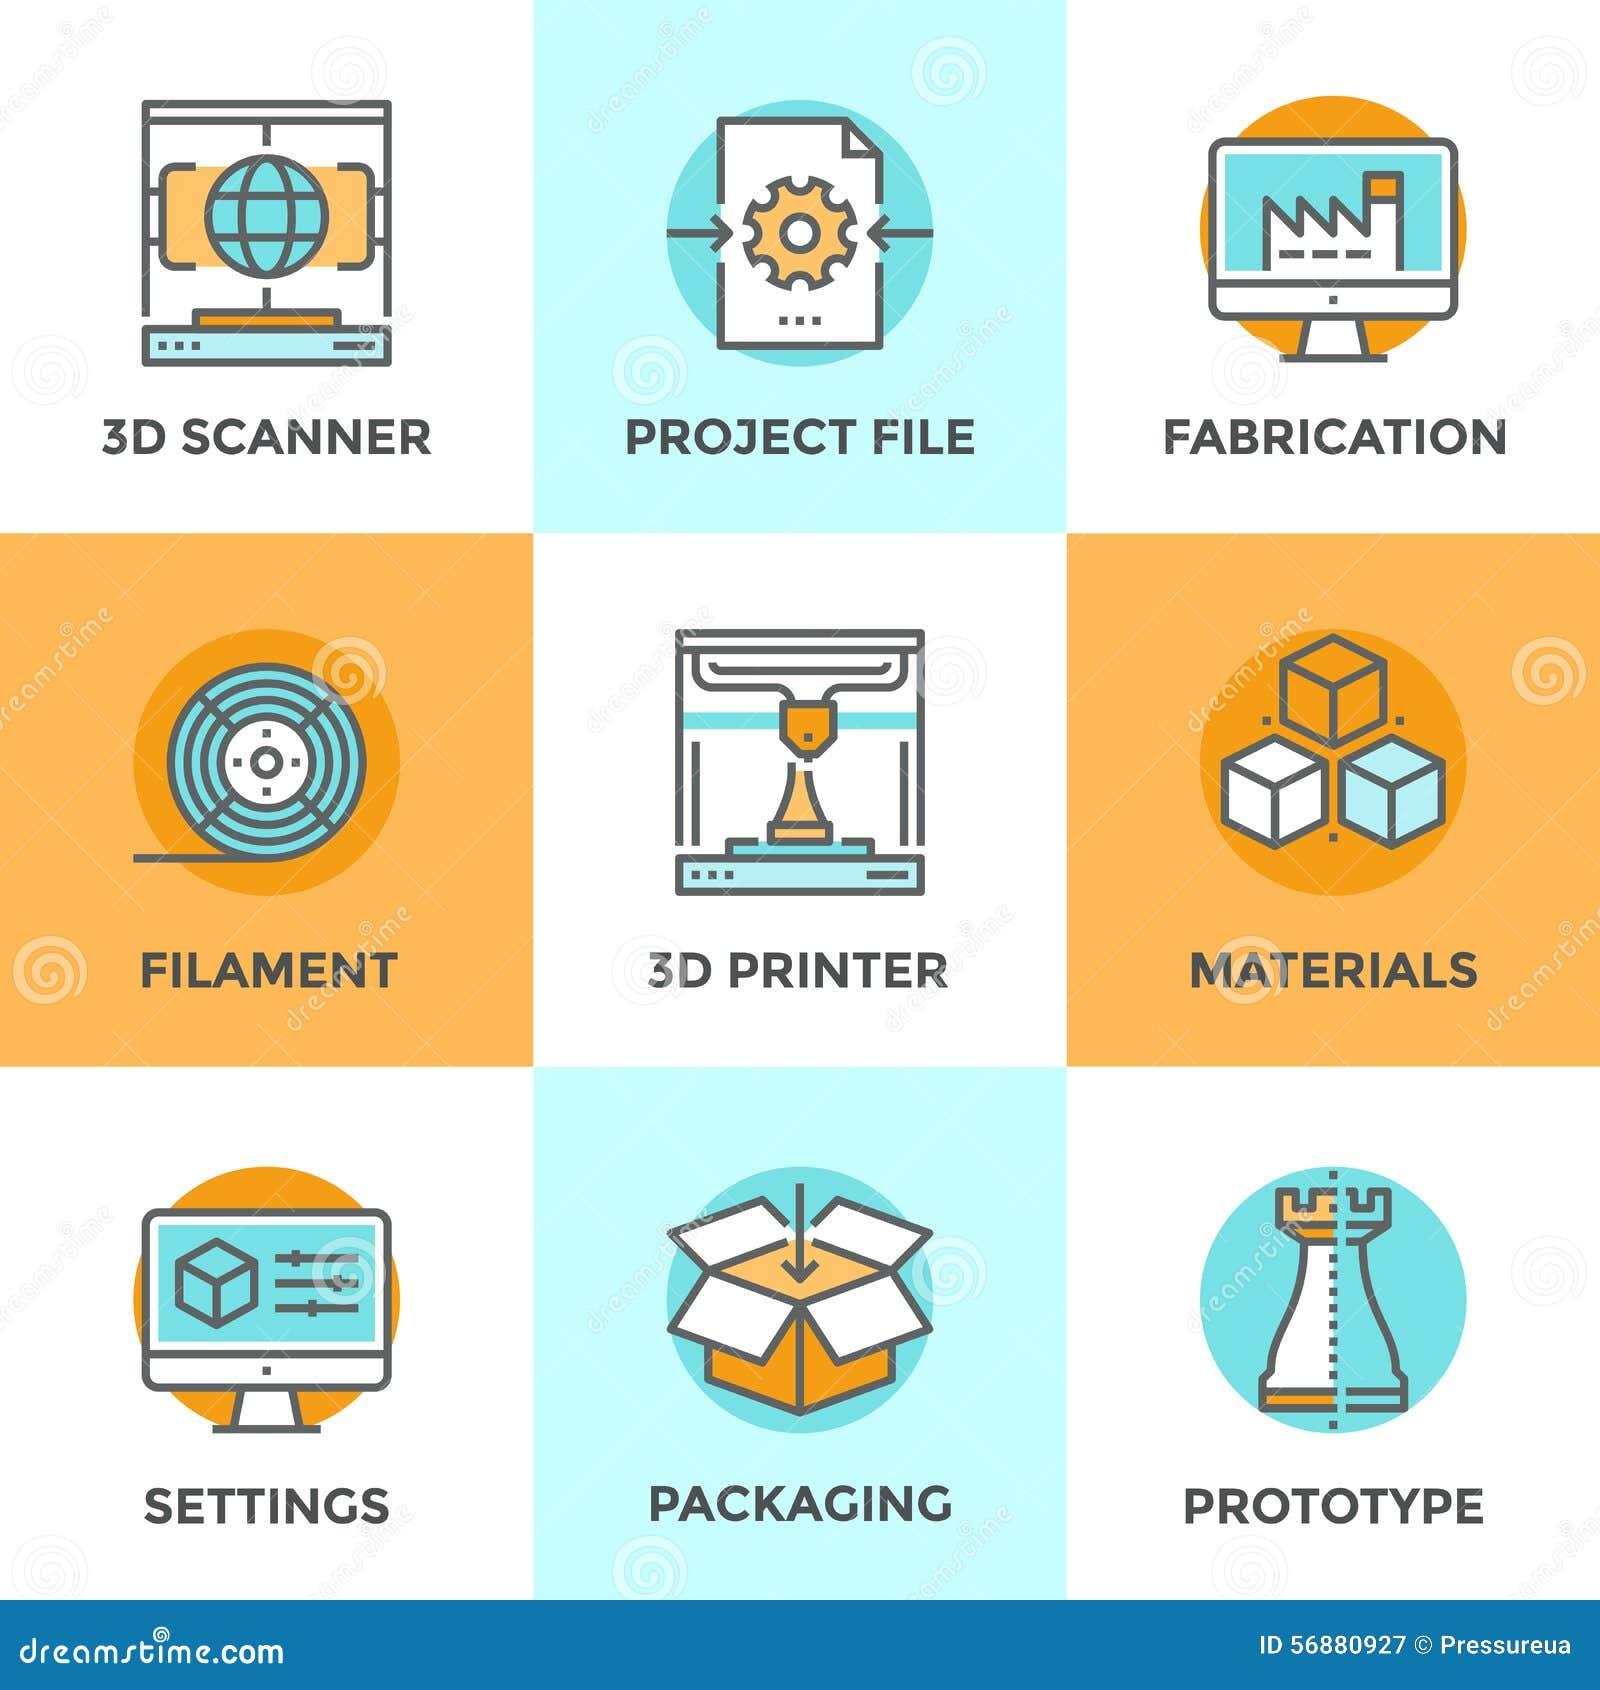 Linea di stampa 3D icone messe